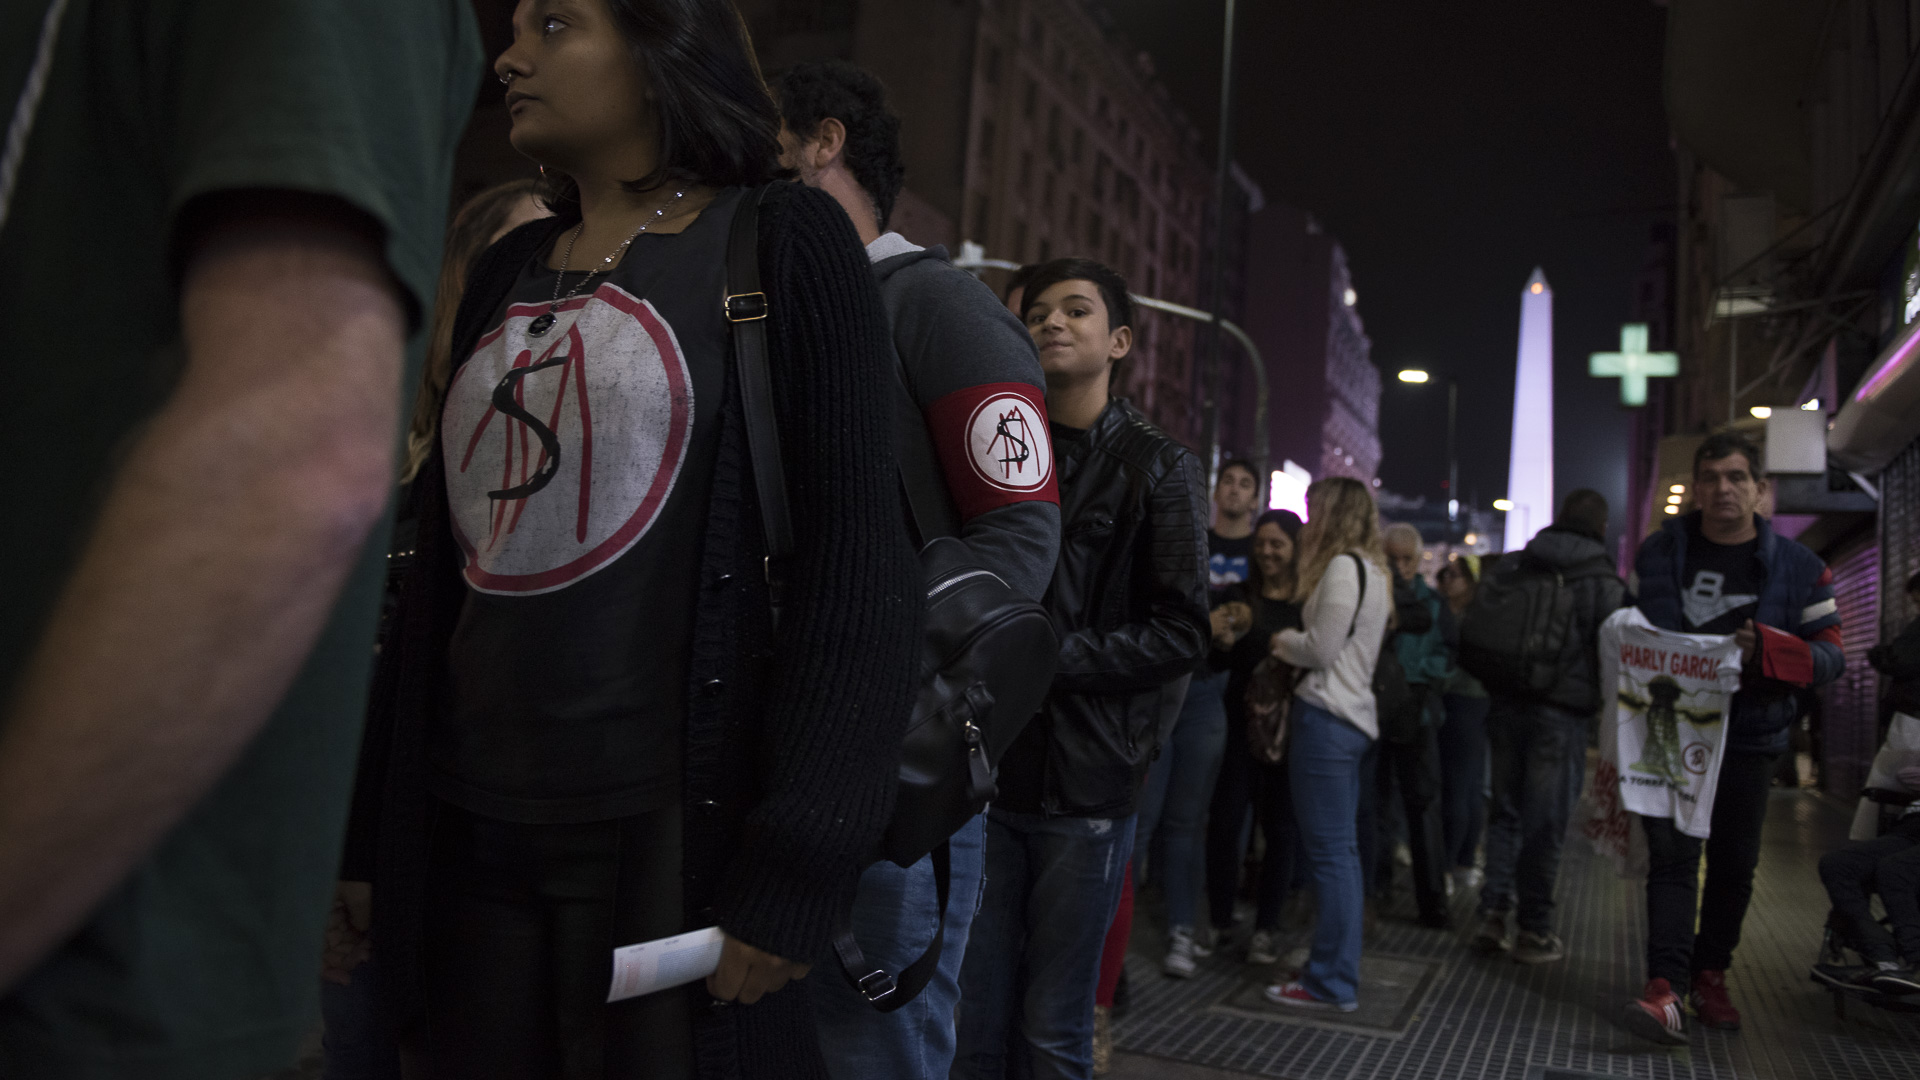 """La fila de ingreso sobre la calle Corrientes. Muchos lucieron el logo de """"Say no more"""", el histórico álbum de Charly"""